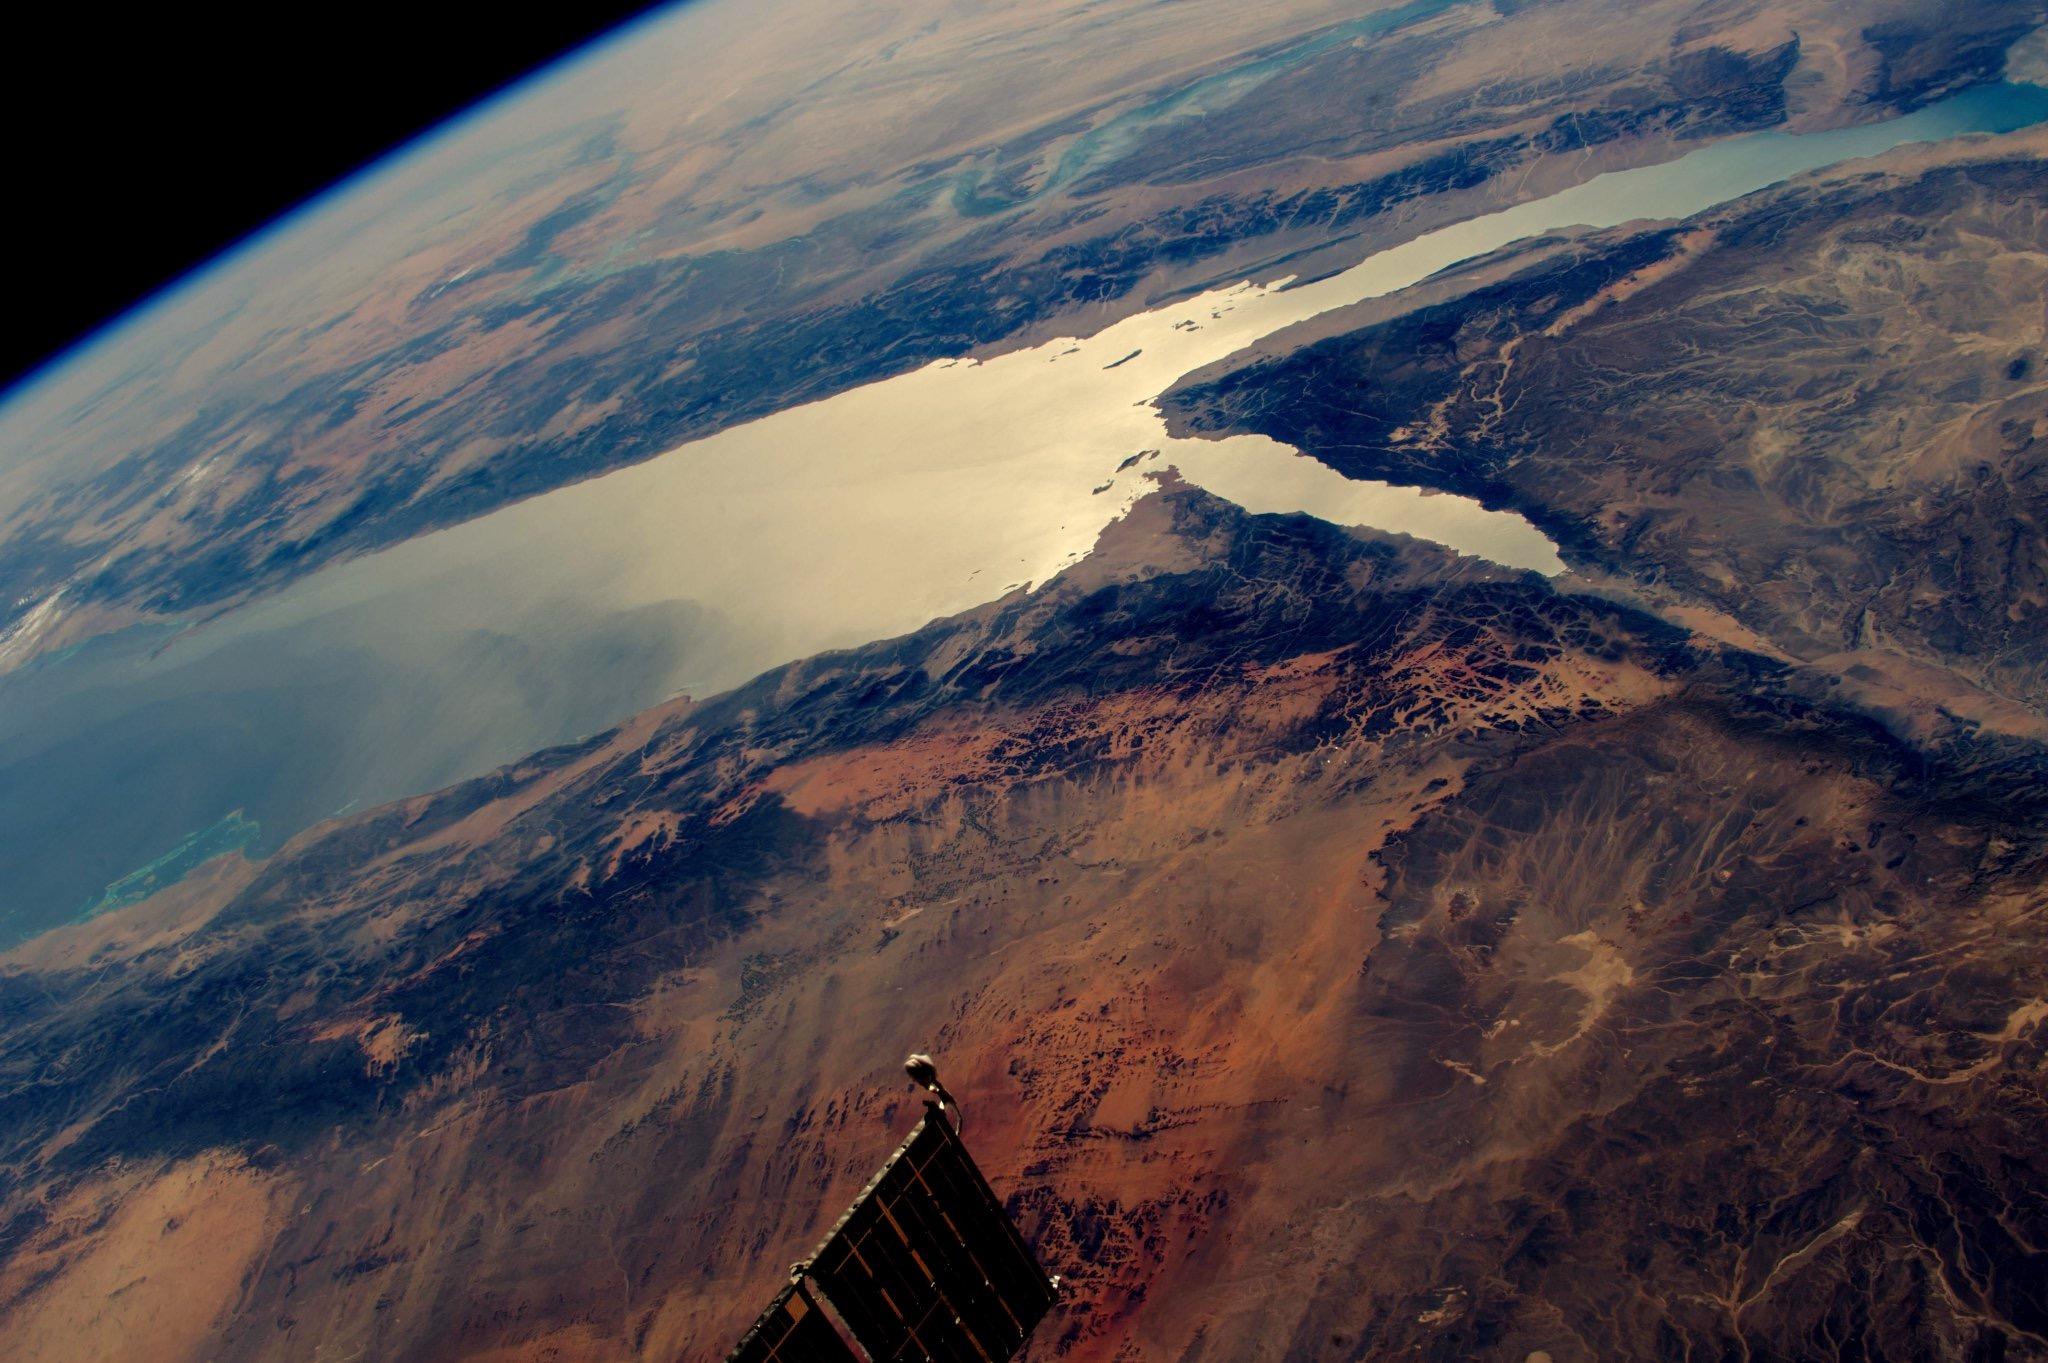 Красное море оказалось молодым океаном. Исследование